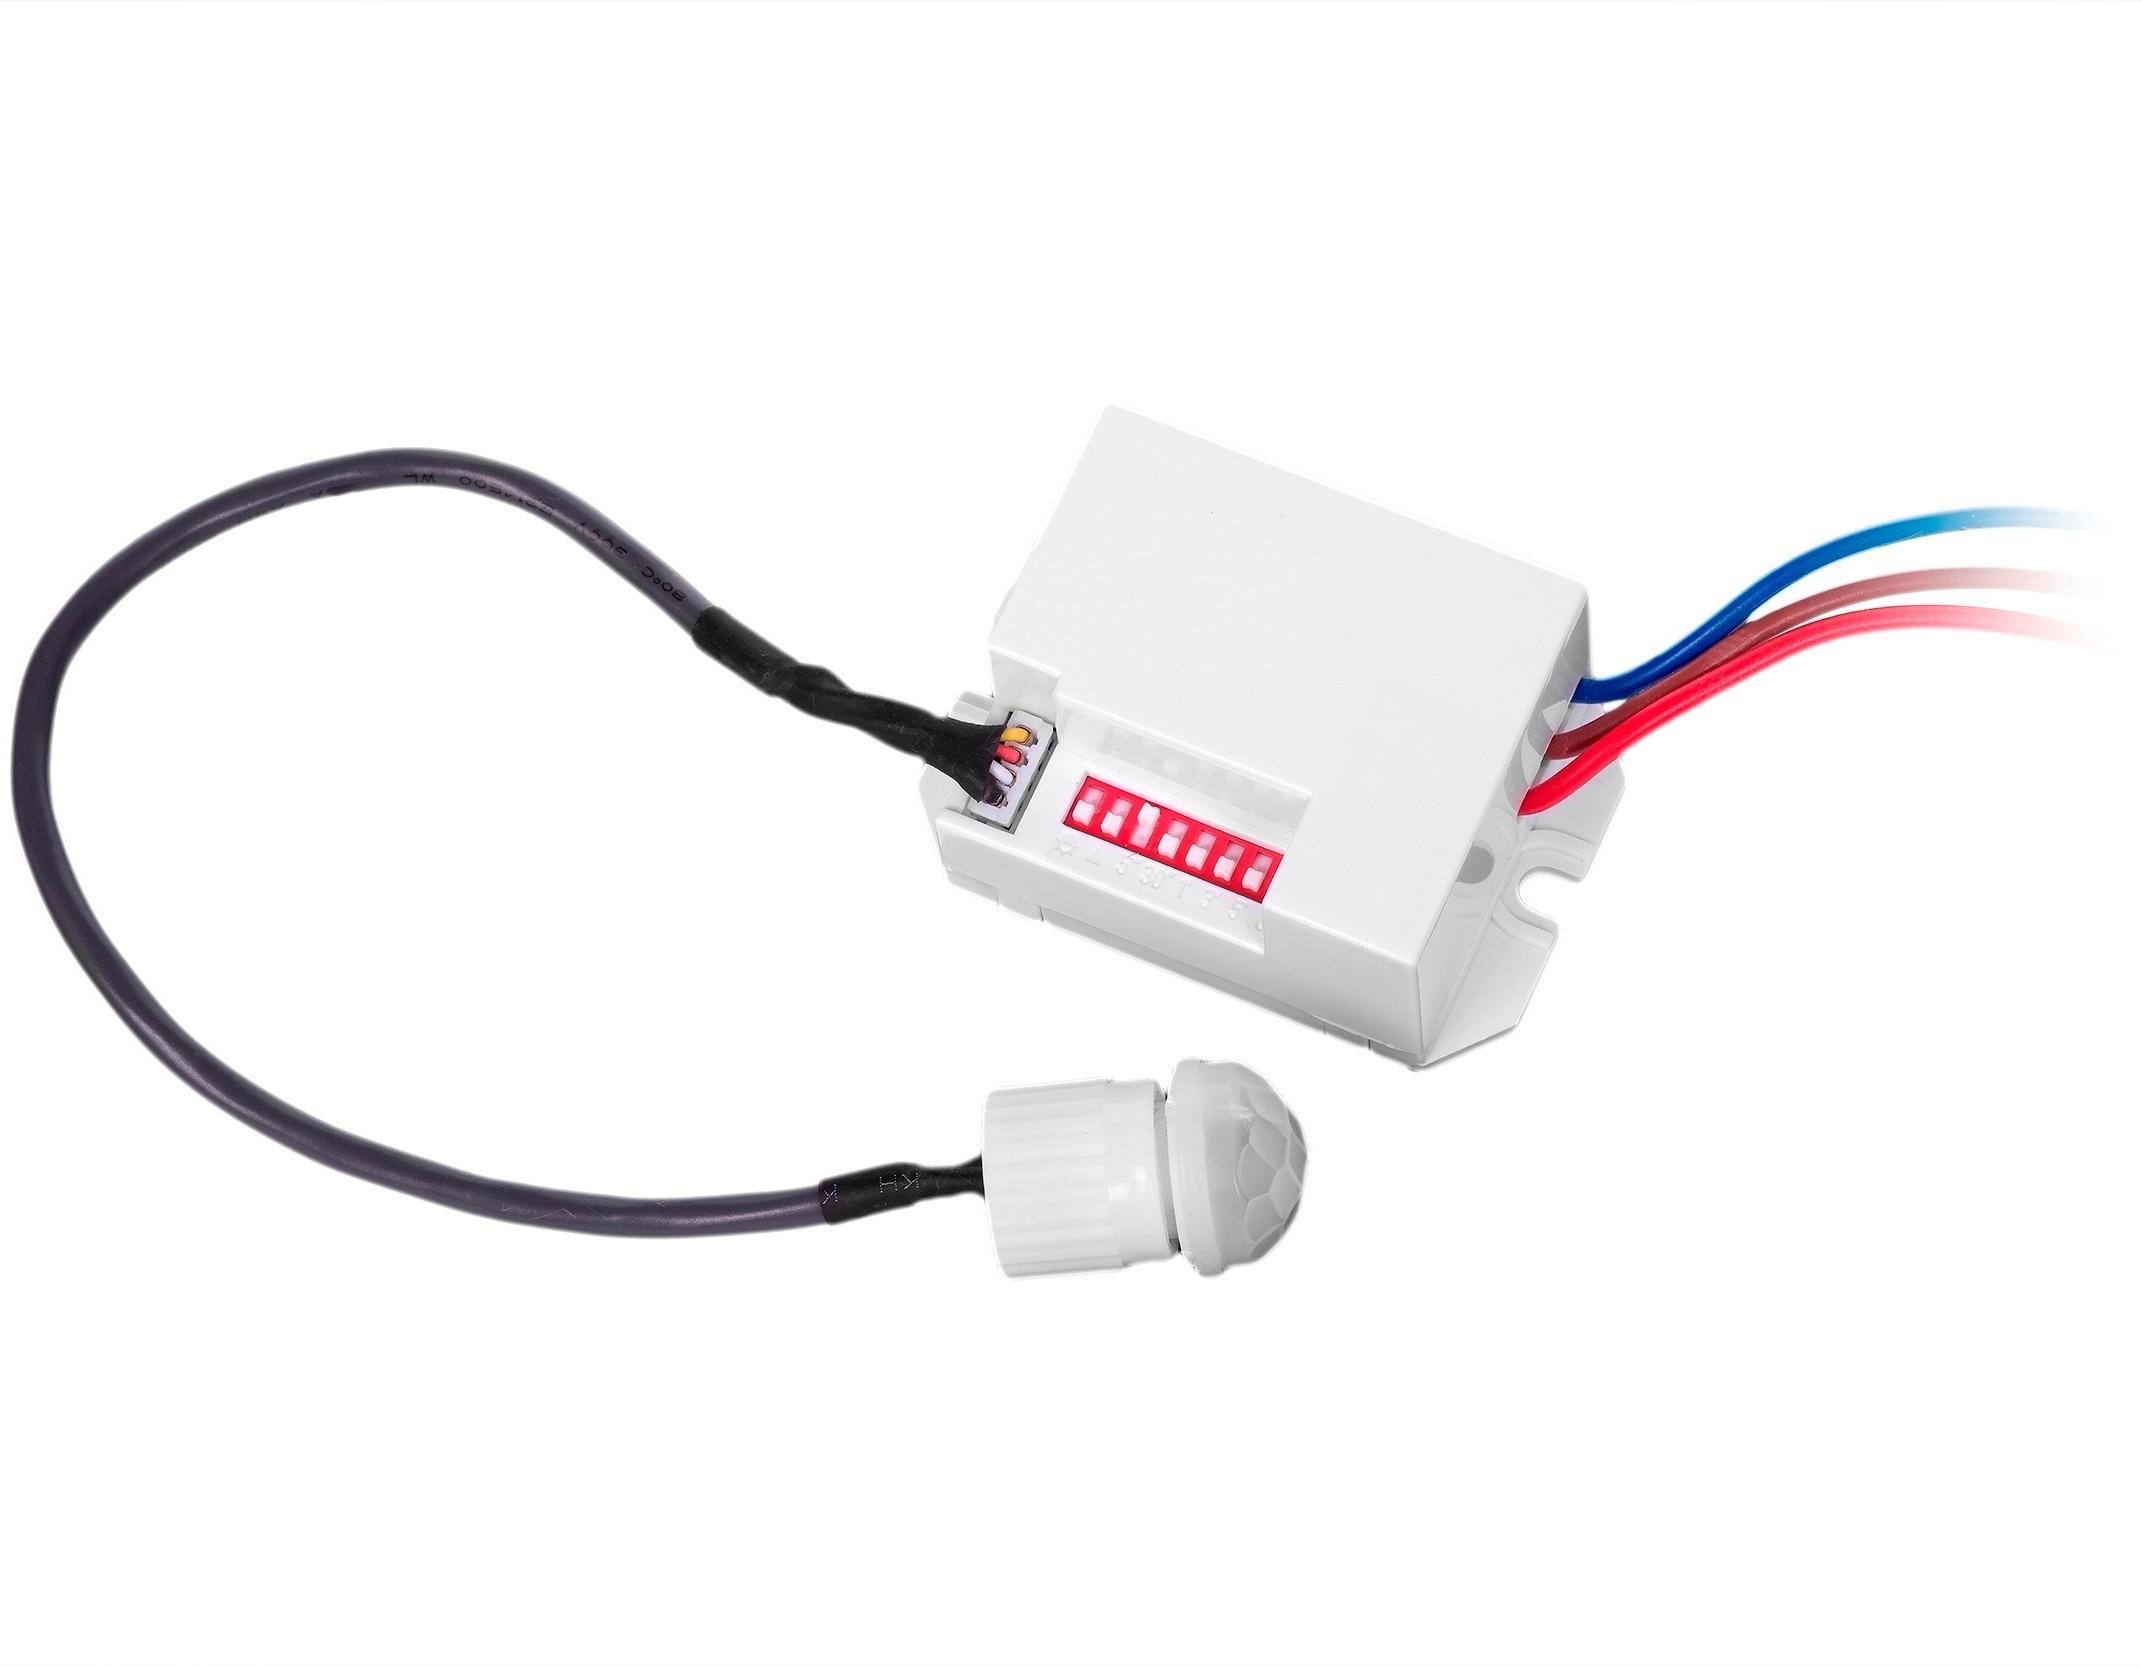 Датчик движения Rev ritter Ddv-3 датчик движения rev ritter ddv 2 r63 28511 3 white